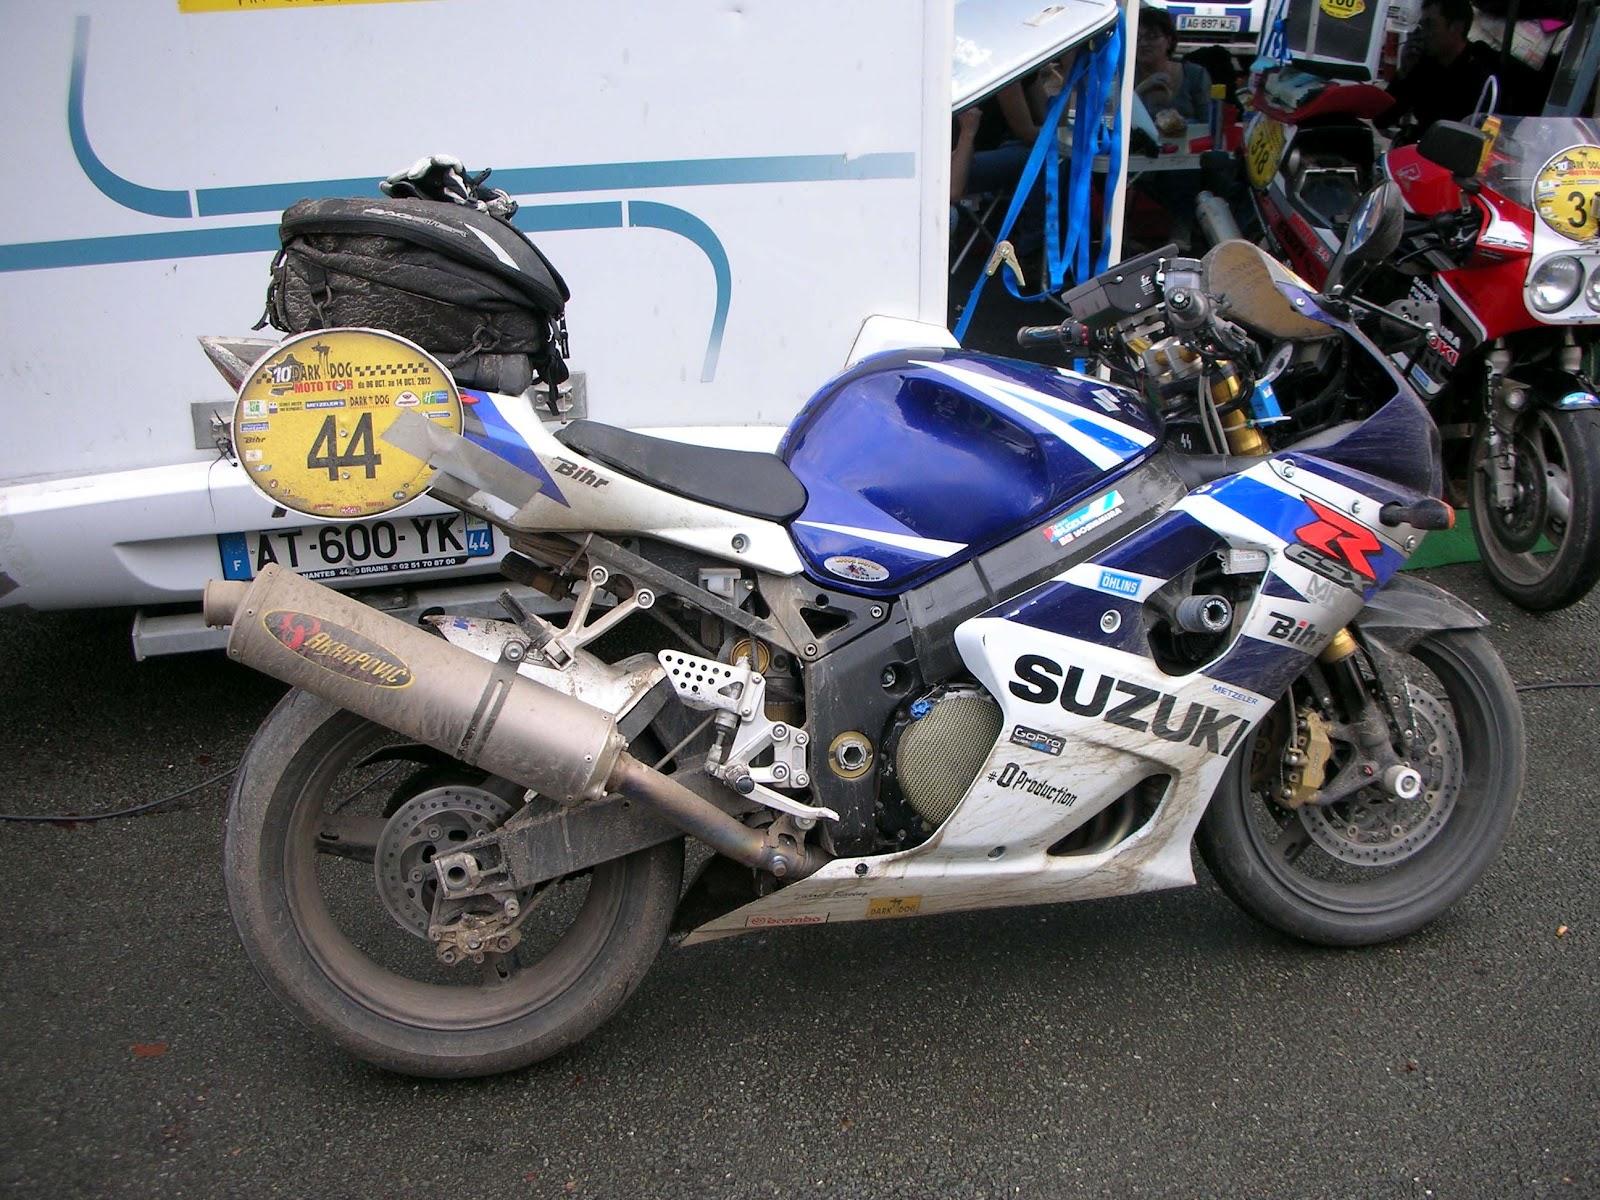 Suzuki GSXR 1000 - Page 8 SUZUKI+GSXR+1000+K4+2004+DARK+DOG+MOTO+TOUR+2012+ANGERS